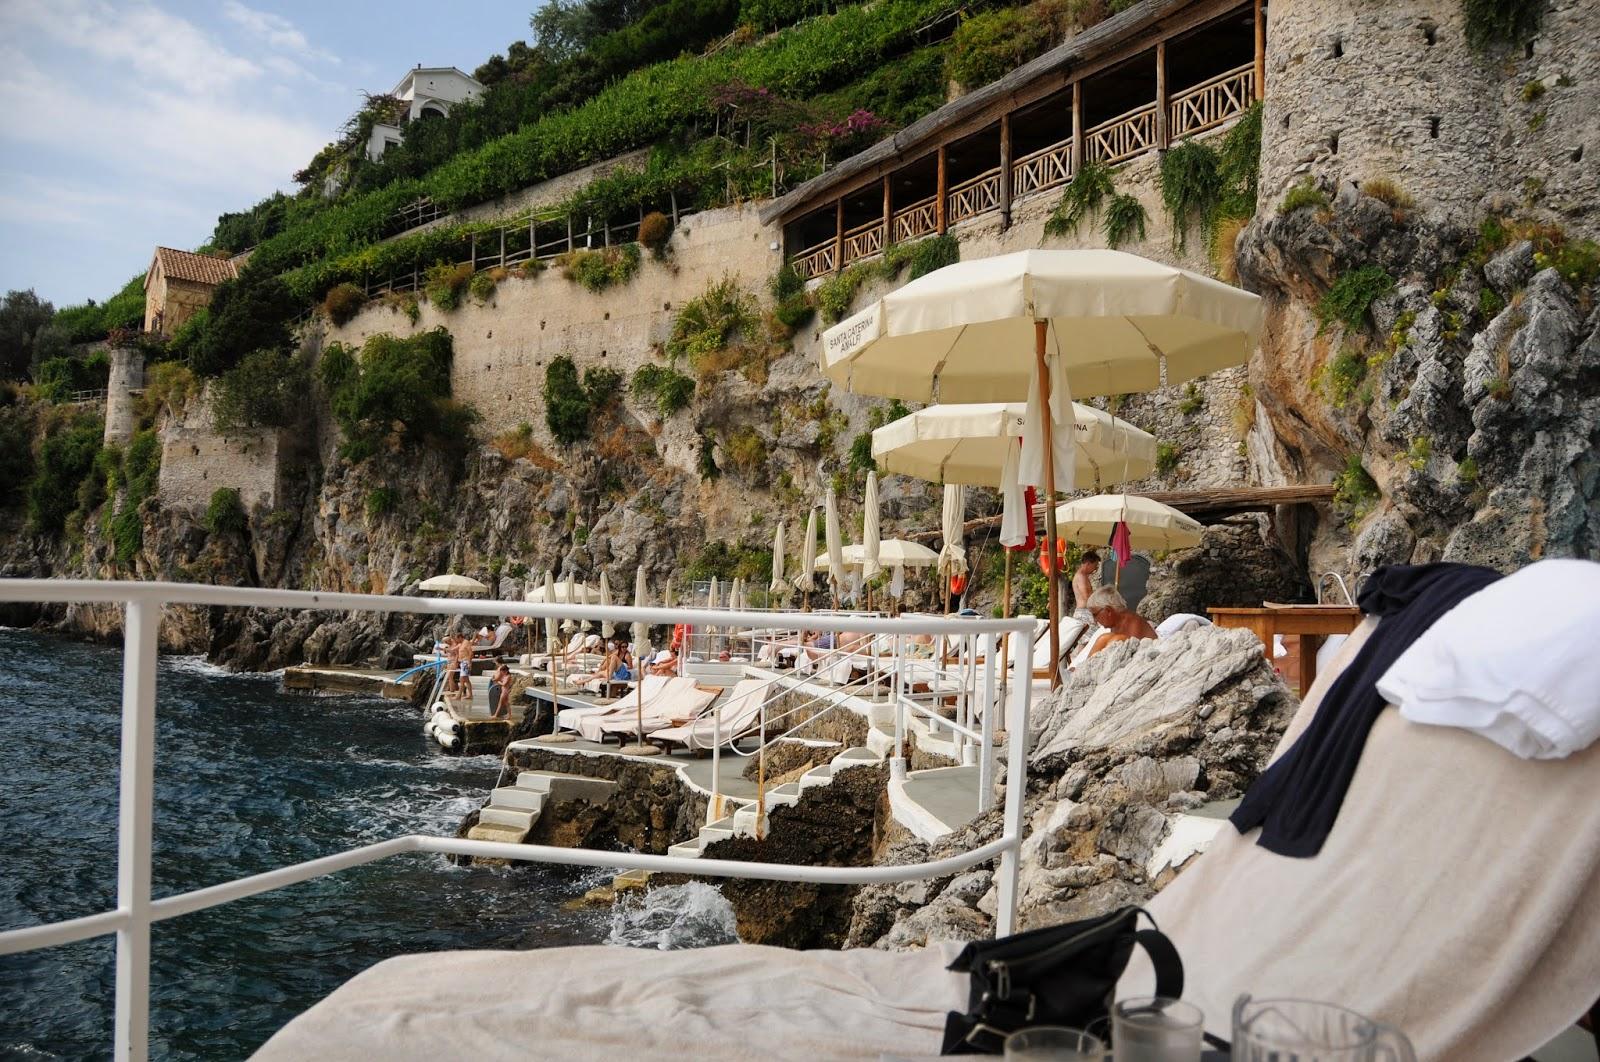 Italien+Urlaub+Sommer+2013+268.JPG